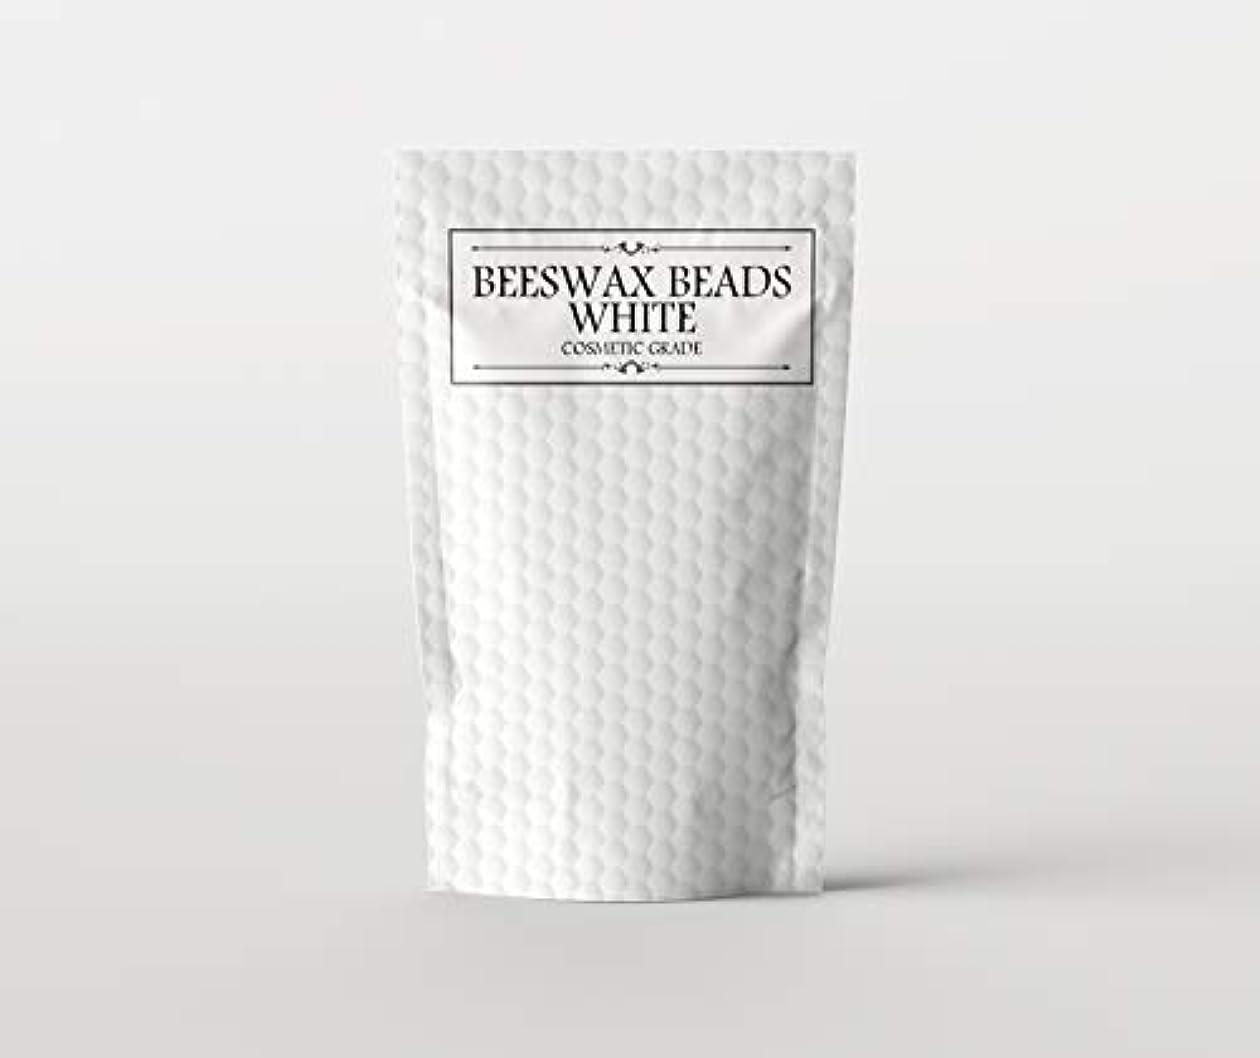 体系的に適格発症Beeswax Beads White - Cosmetic Grade - 1Kg